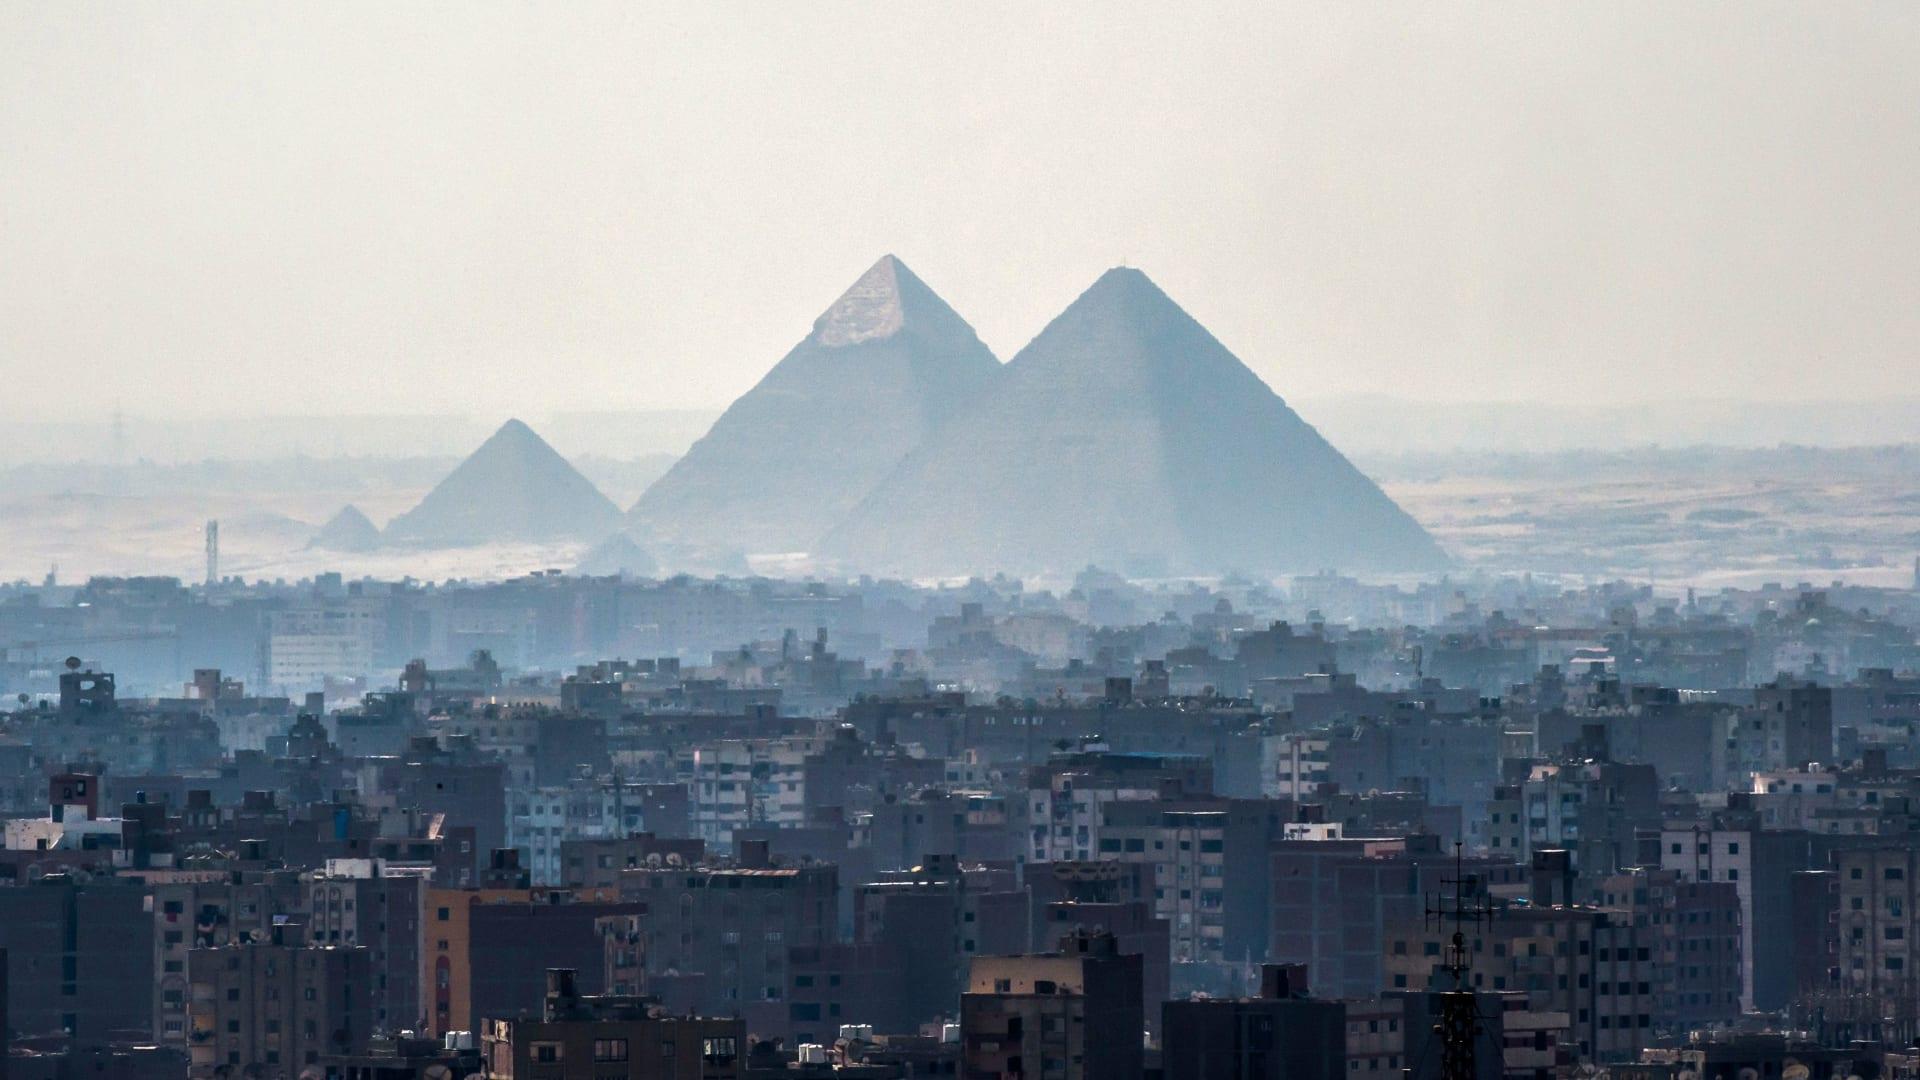 """""""مدي على نهاية العالم"""".. غيوم سوداء تغطي الطريق الصحراوي في مصر وتفاعل مغردين"""